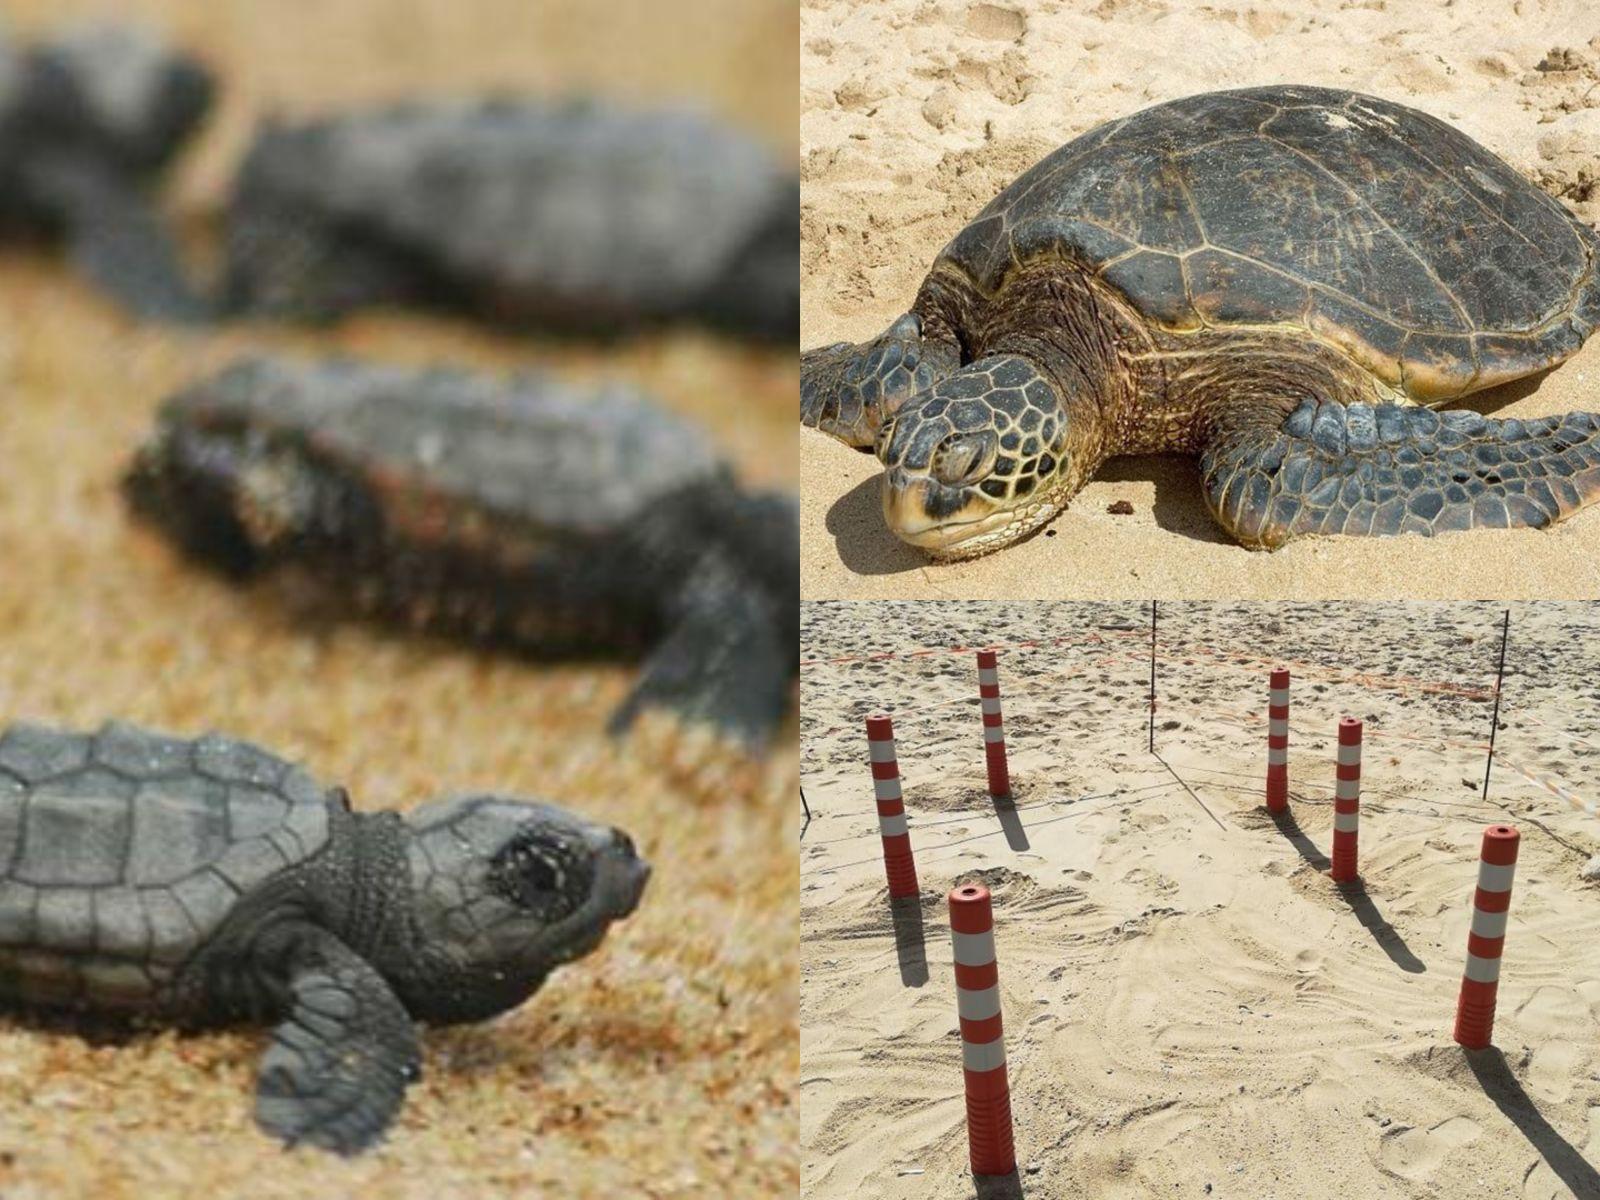 Βρέθηκε φωλιά χελώνας Caretta – caretta στην παραλία του Άη Γιάννη